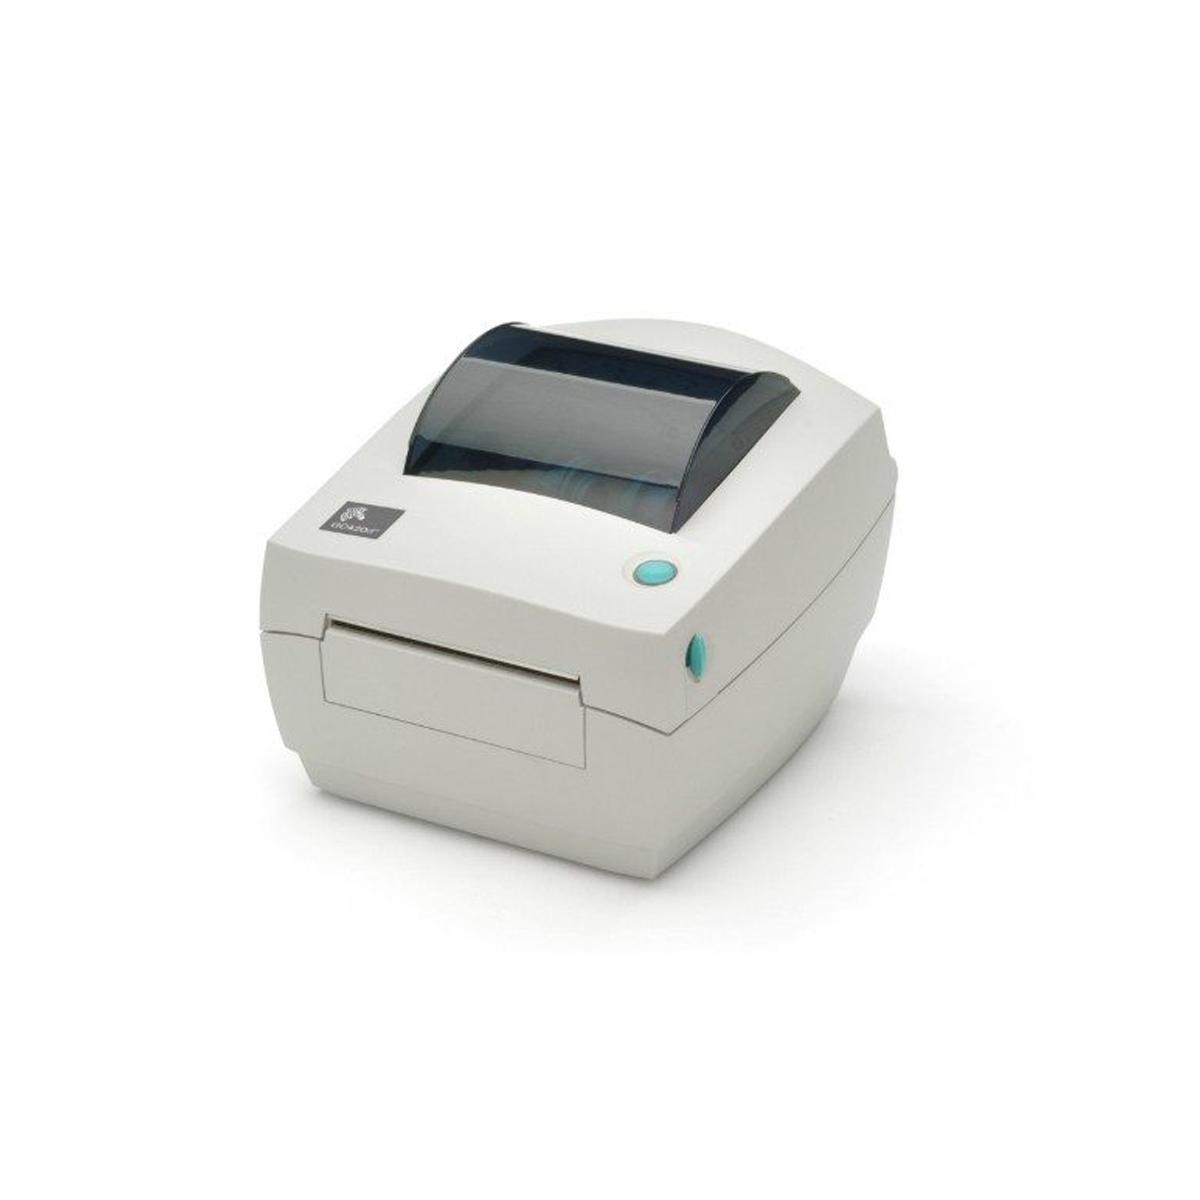 Impressora De Código Zebra Gc420t 203dpi * Oferta*